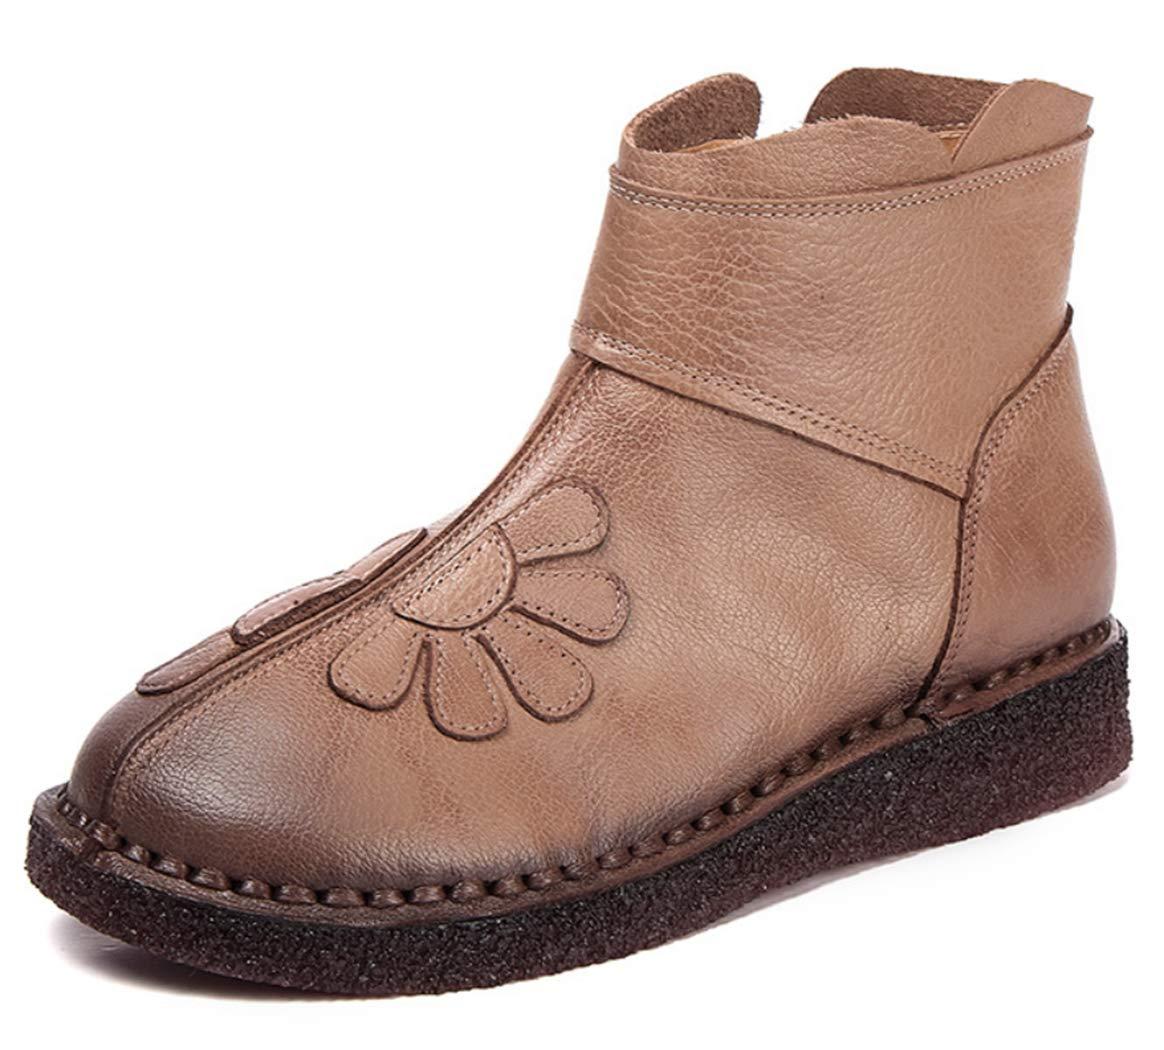 Frauen Martin Stiefel Leder Weiche Untere Runde Kopfkeile Stiefel Blaumen Dekorativen Seitlichen Reißverschluss Retro-Stil Hand Nähen Einzelner Stiefel